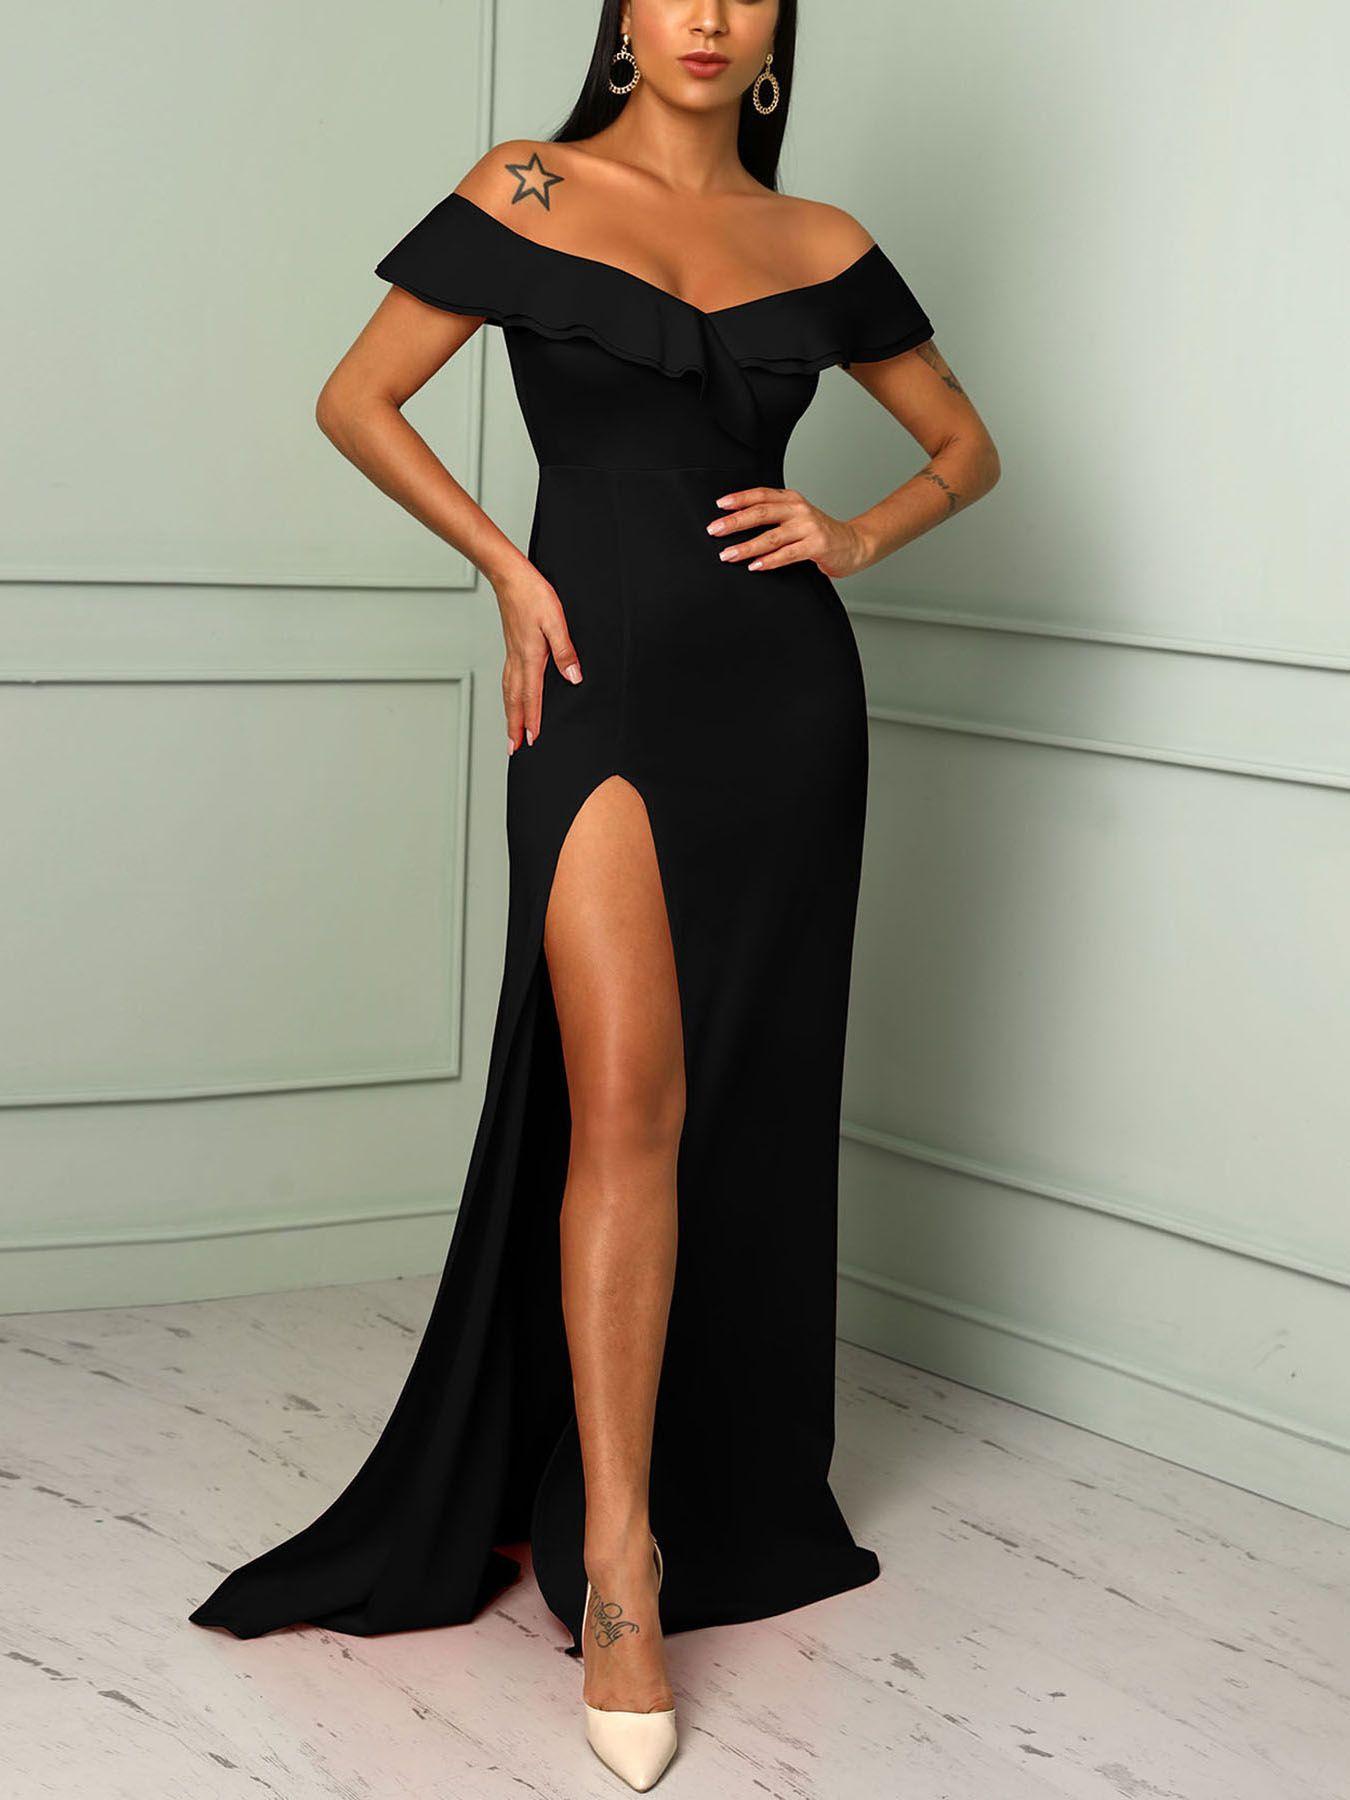 16+ High slit maxi dress ideas